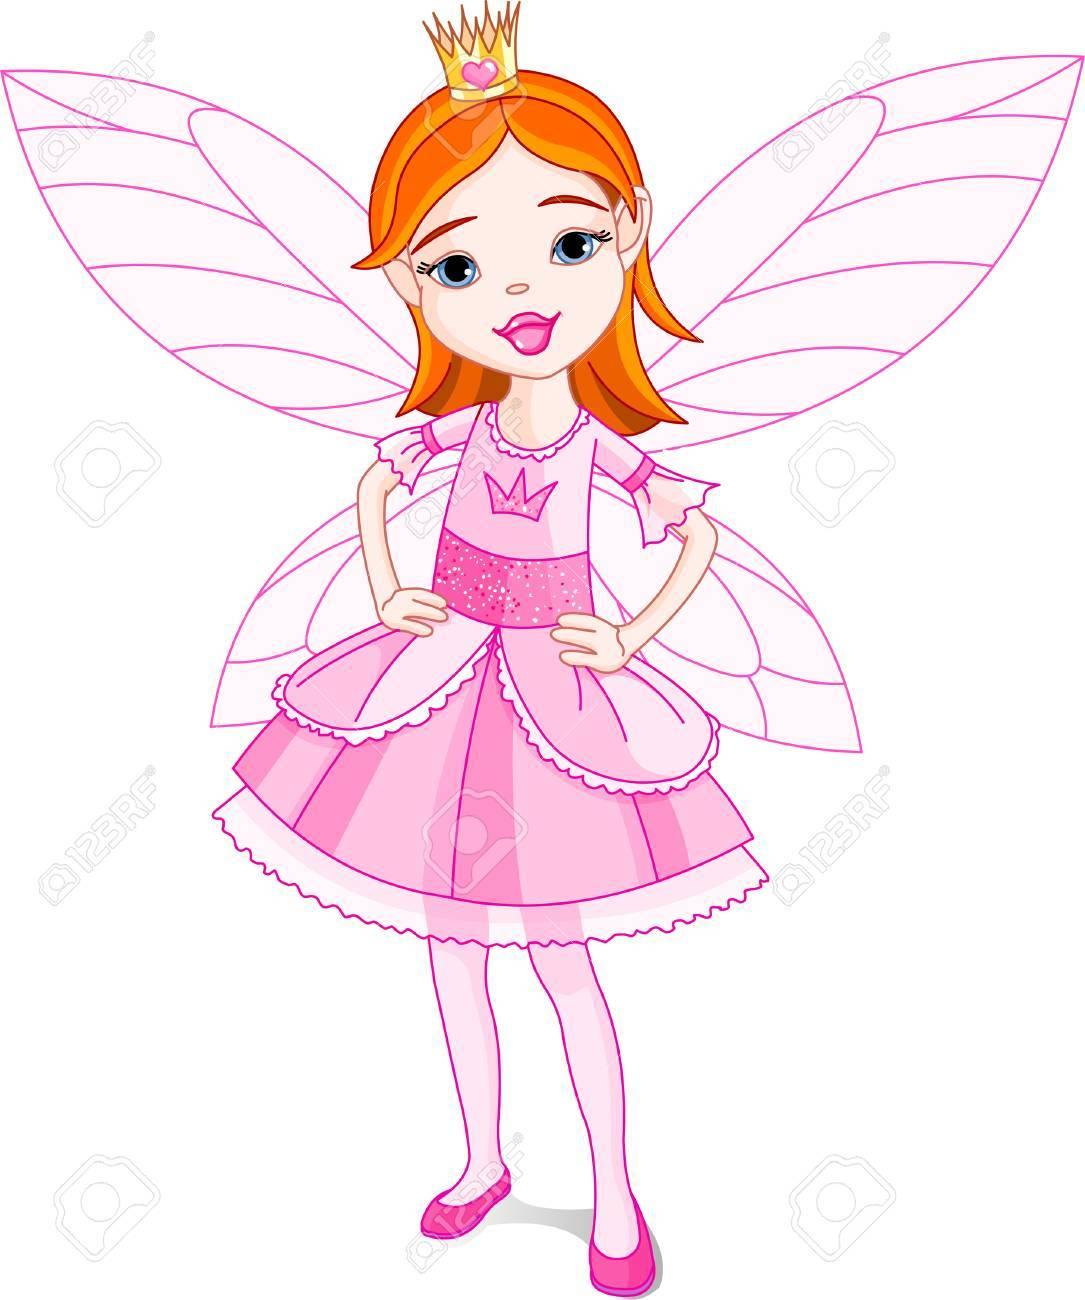 かわいい妖精のイラスト必要なとき別のレイヤーで翼を簡単に削除でき